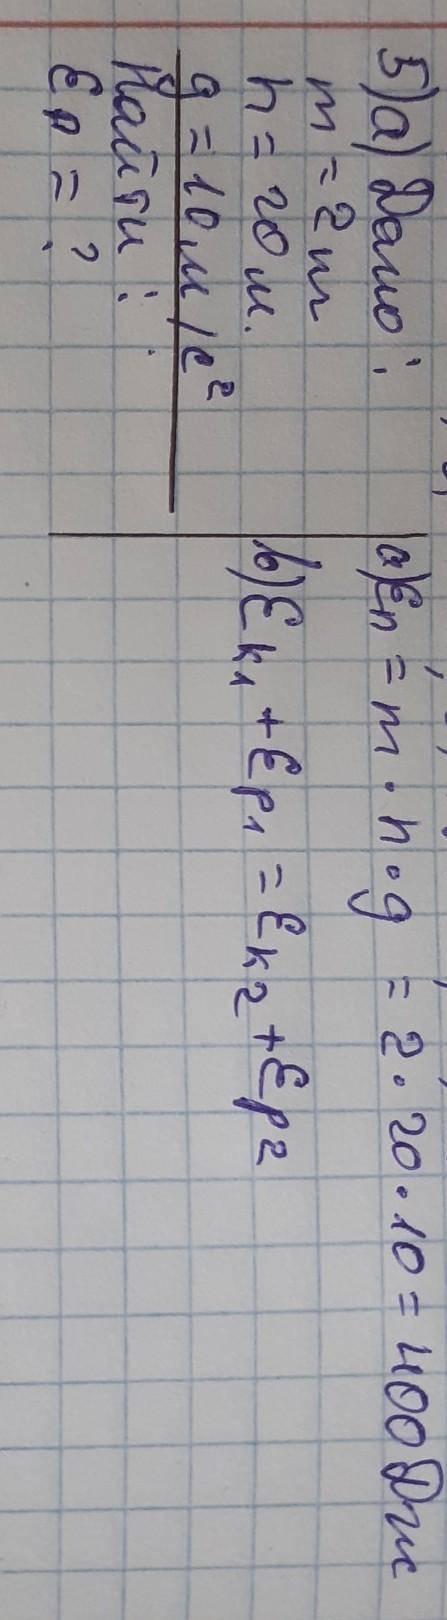 Тело массой 2кг находится на высоте 20 м (g = 10м/с2)Запишите формулу потенциальной энергии тела [1]